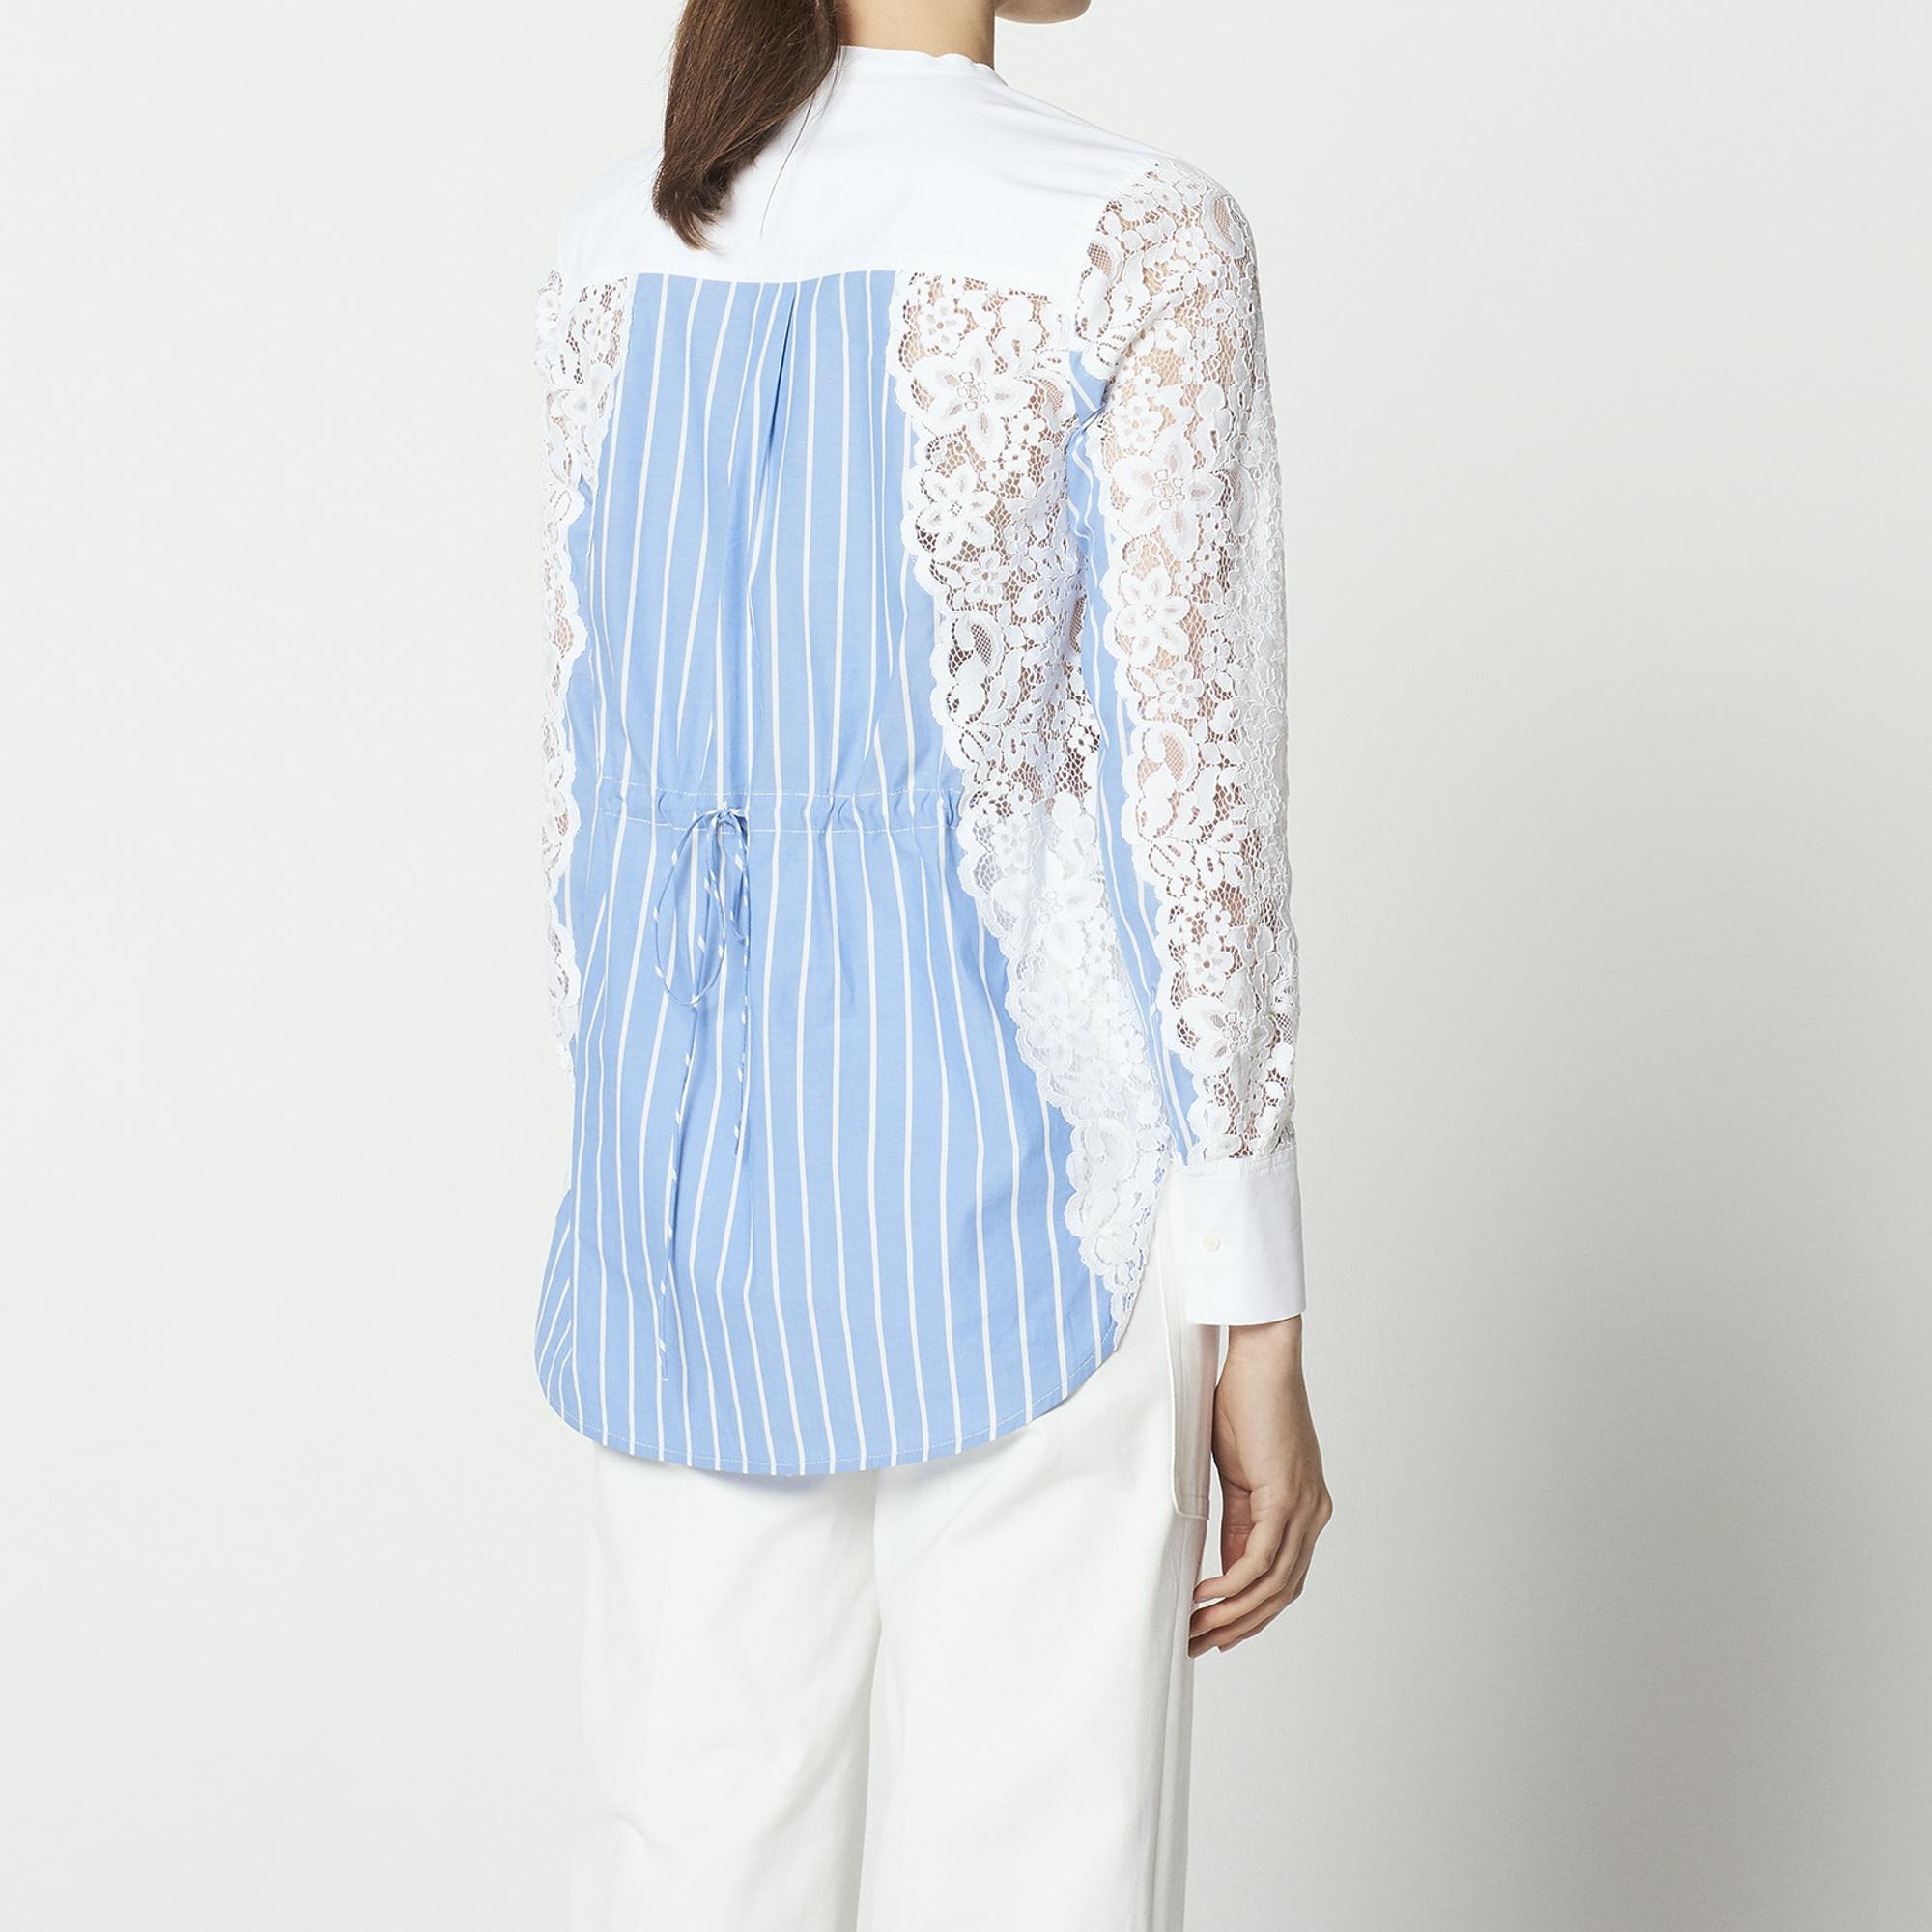 Camicia a righe con inserti in pizzo : Top & Camicie colore Sky Blue